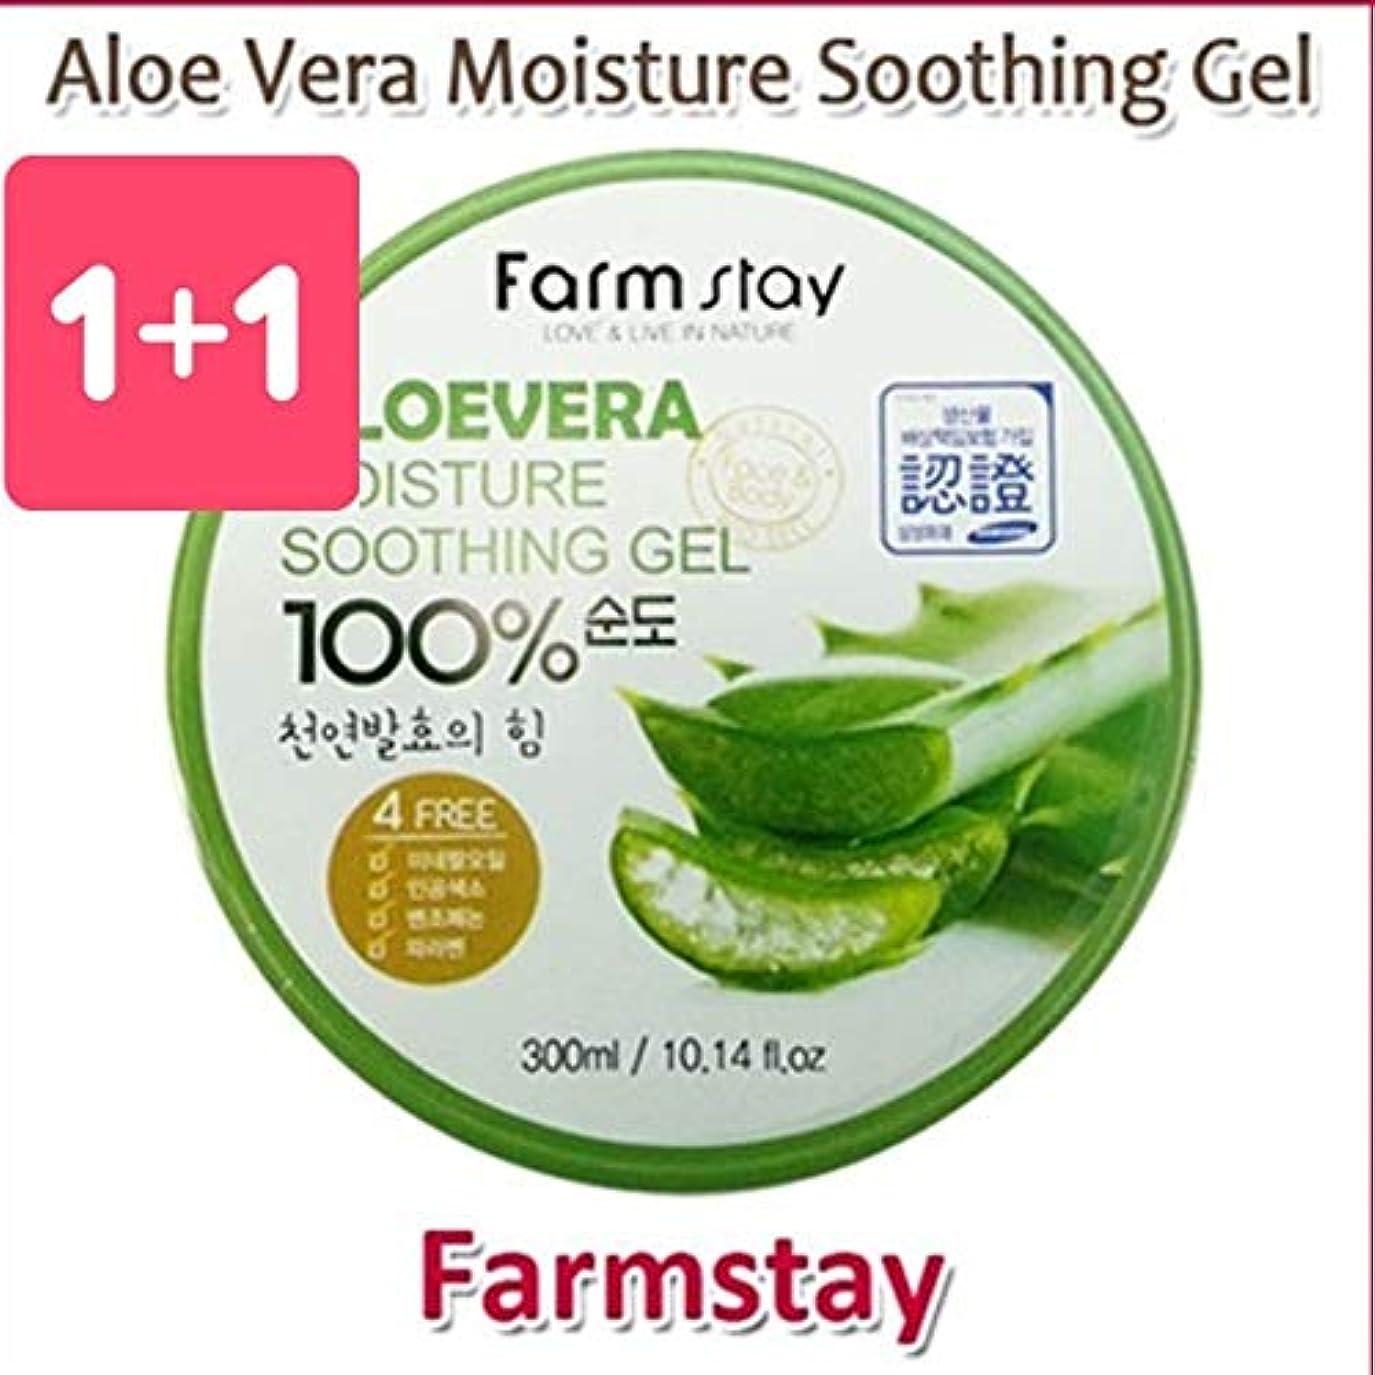 敬な等価肺炎Farm Stay Aloe Vera Moisture Soothing Gel 300ml 1+1 Big Sale/オーガニック アロエベラゲル 100%/保湿ケア/韓国コスメ/Aloe Vera 100% /Moisturizing...